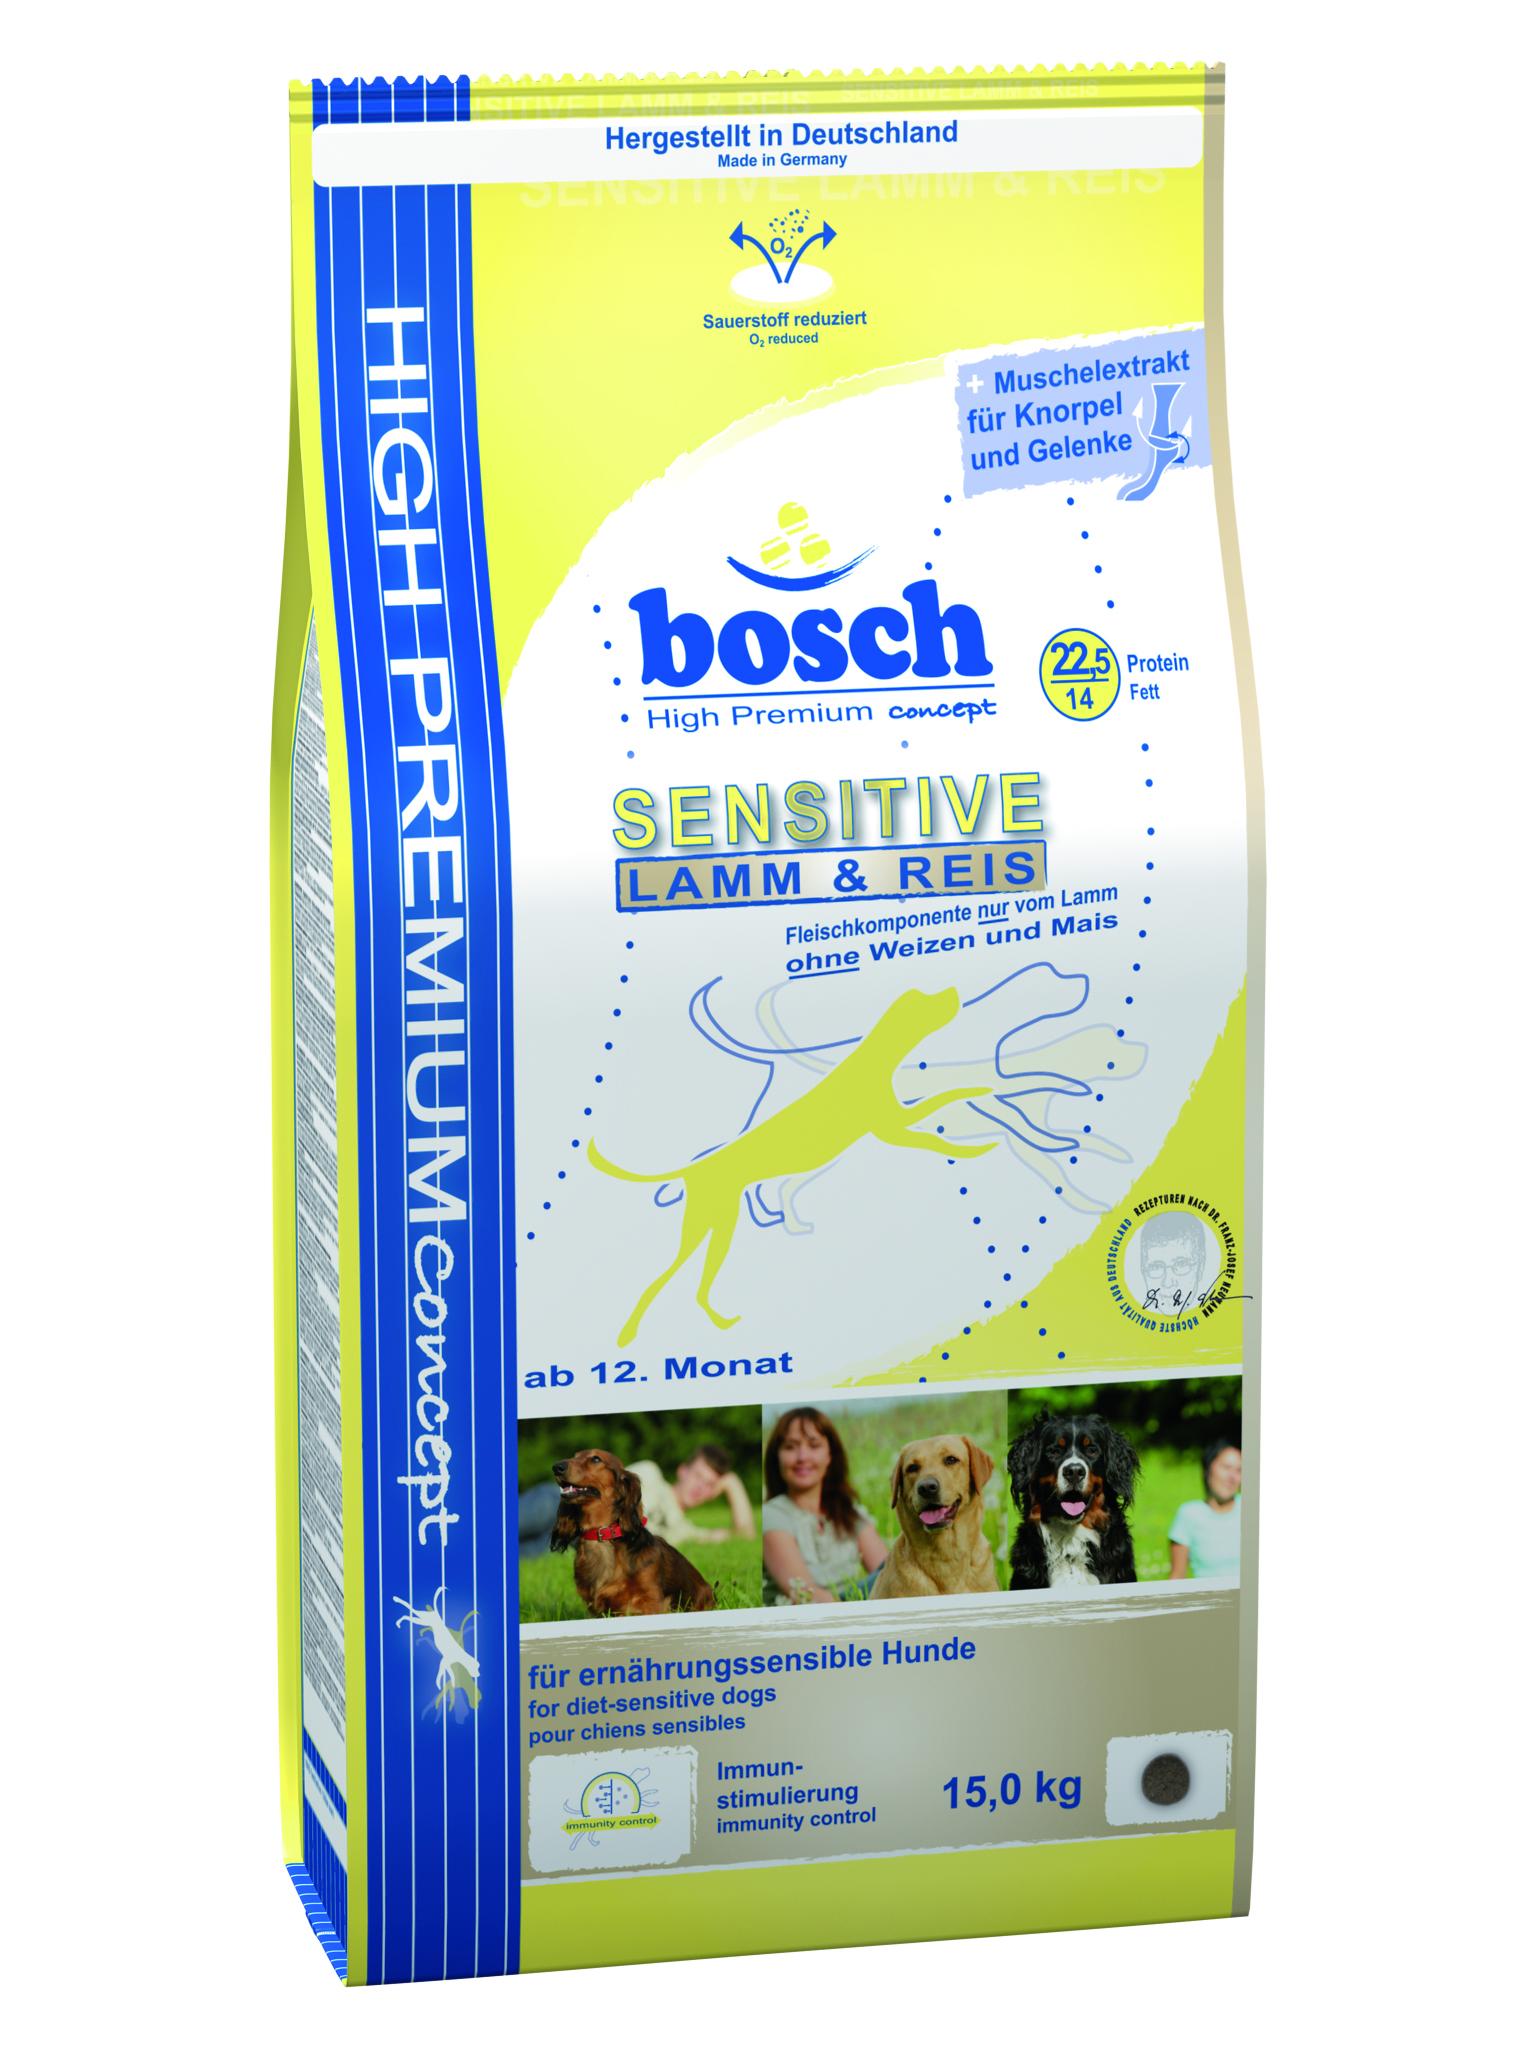 Корм сухой Bosch Sensitive Lamm & Reis для взрослых собак, склонных к аллергии, с ягненком и рисом, 15 кг55200015Сухой корм Bosch Sensitive Lamm & Reis с мясом ягненка и рисом - полноценный сбалансированный рацион для взрослых собак, склонных к аллергии. Благодаря сочетанию риса и мяса ягненка, имеющего низкий аллергенный потенциал, вероятность непереносимости корма у собак сведена к минимуму. Ингредиенты: рис 37.5%, мука из мяса ягненка мин. 20%, ячмень, животный жир, рисовая клейковина, картофельный протеин, свекольная пульпа, цельное яйцо (дегидратированное), льняное семя, гидролизованное мясо, горошек, пищевые волокна (целлюлоза), дрожжи (дегидратированные), поваренная соль, хлорид калия, мука из мидий, экстракт новозеландского зеленогубчатого моллюска (натуральный продукт для поддержания здоровья соединительной ткани и суставов), порошок цикория. Химический состав: протеин - 22,5%; содержание жира - 14,0%; клетчатка - 2,5%; минеральные вещества - 7,0%; вода - 10,0%, экстрактивные вещества, не содержащие азот - 44,0%. Основные добавки на 1...